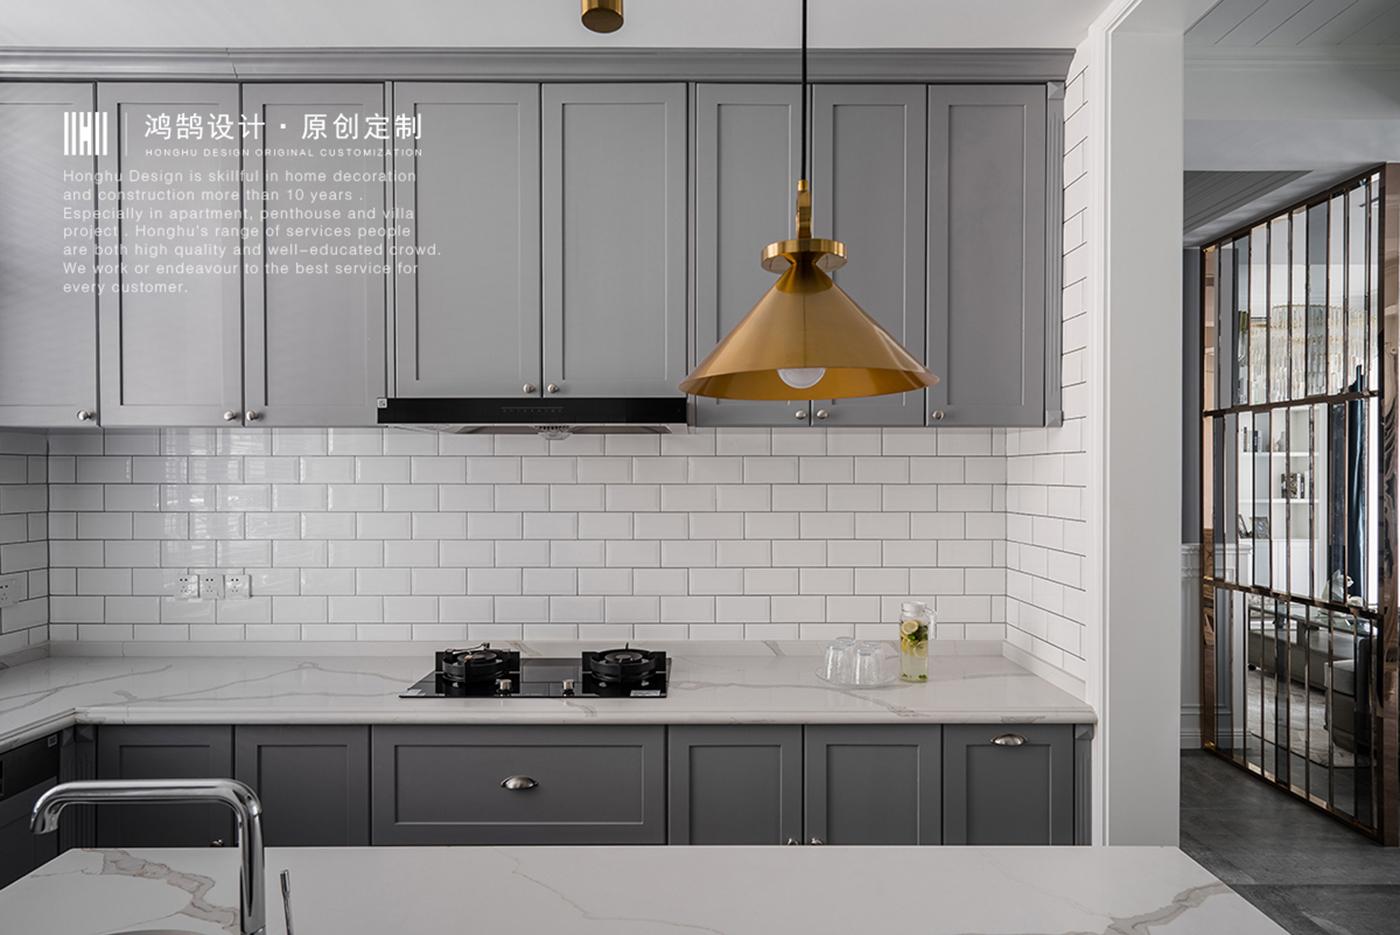 美式风别墅厨房装修效果图